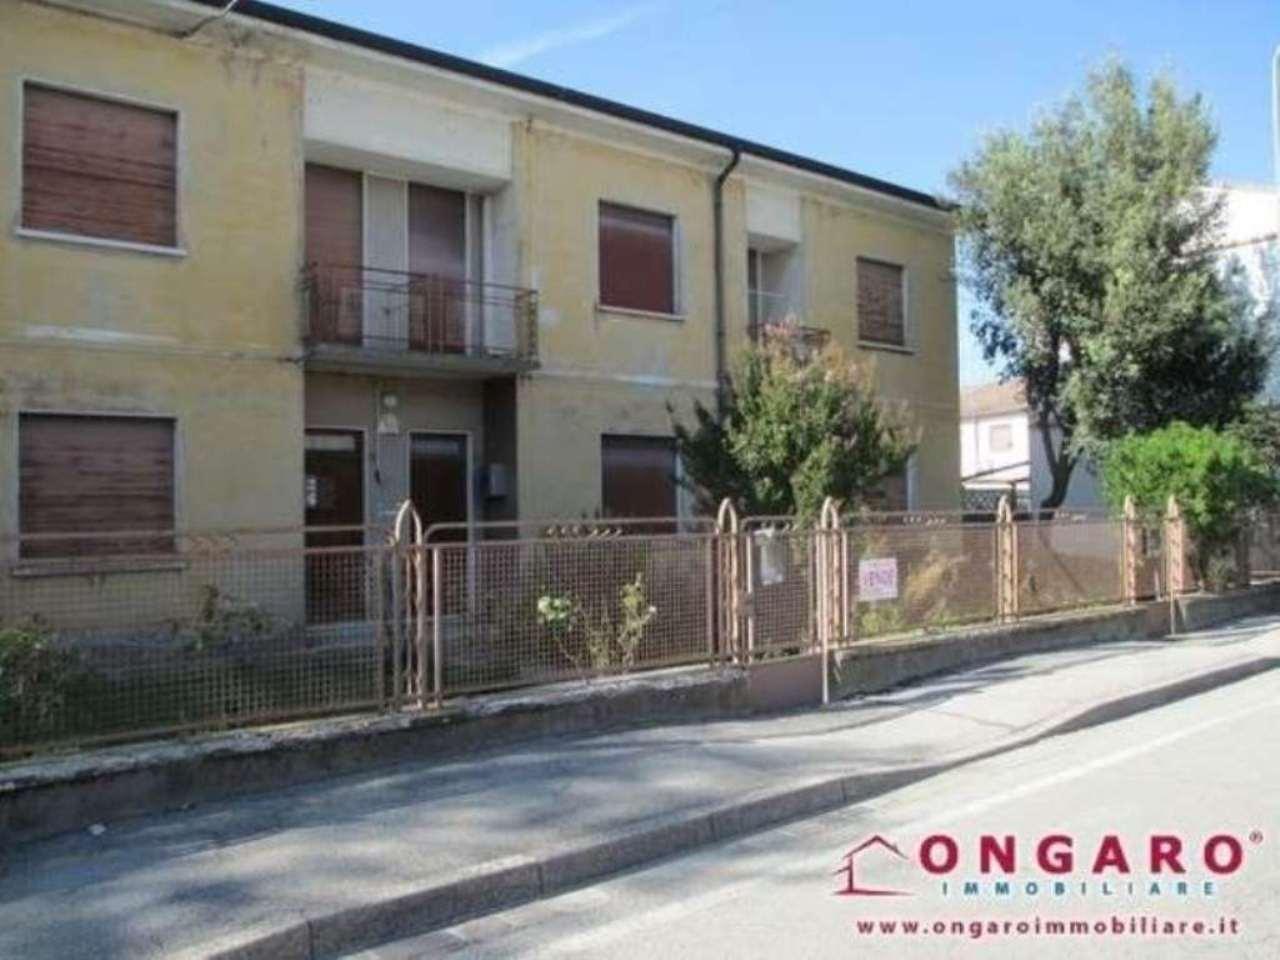 Soluzione Indipendente in vendita a Copparo, 4 locali, prezzo € 30.000 | Cambio Casa.it